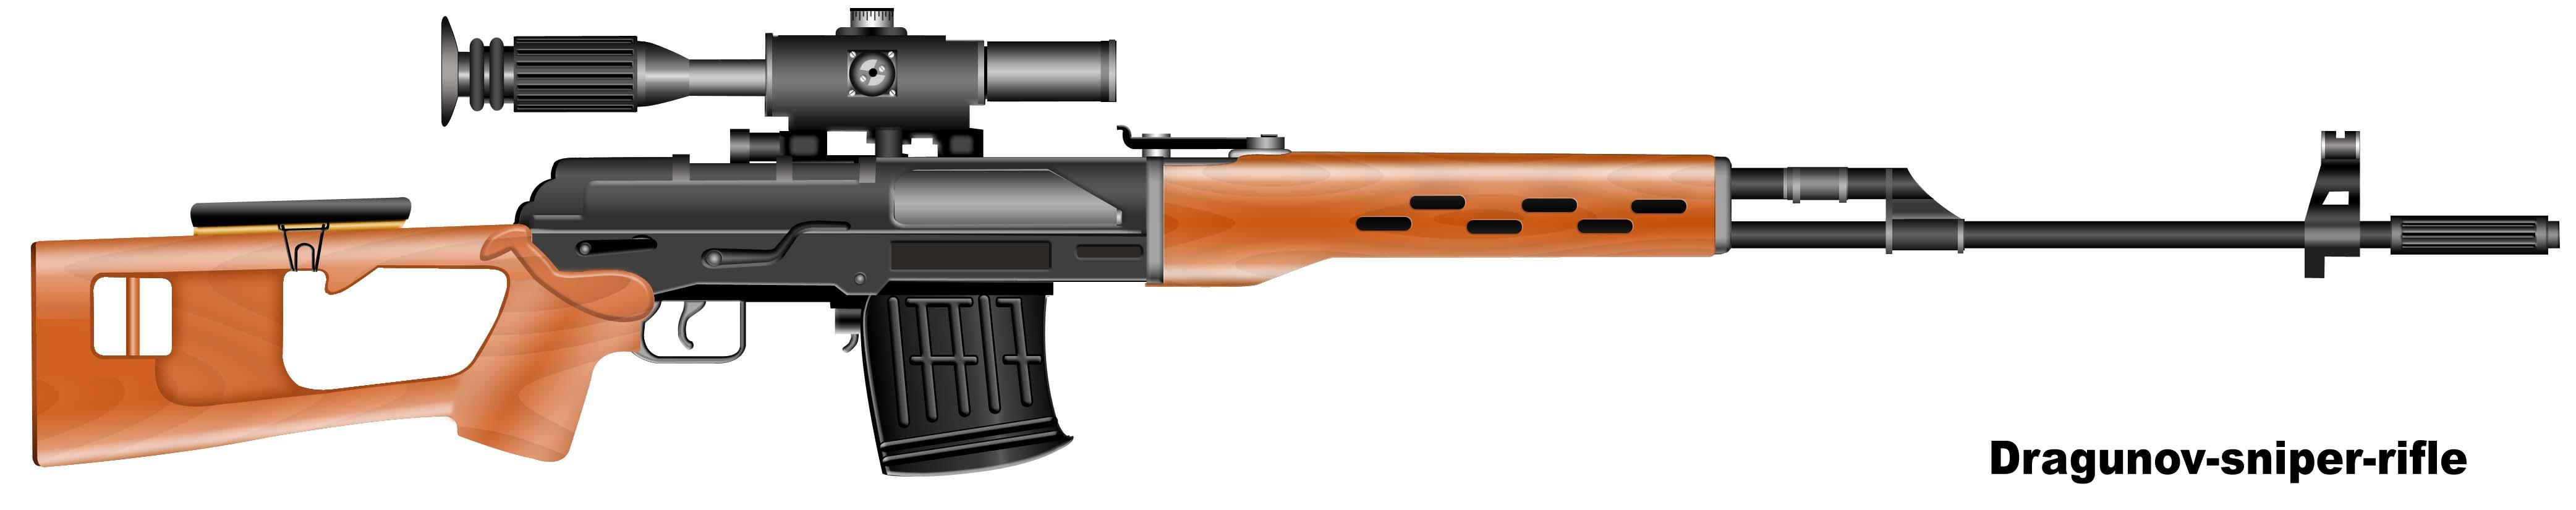 Dragunov Sniper Rifle By AyanHasan